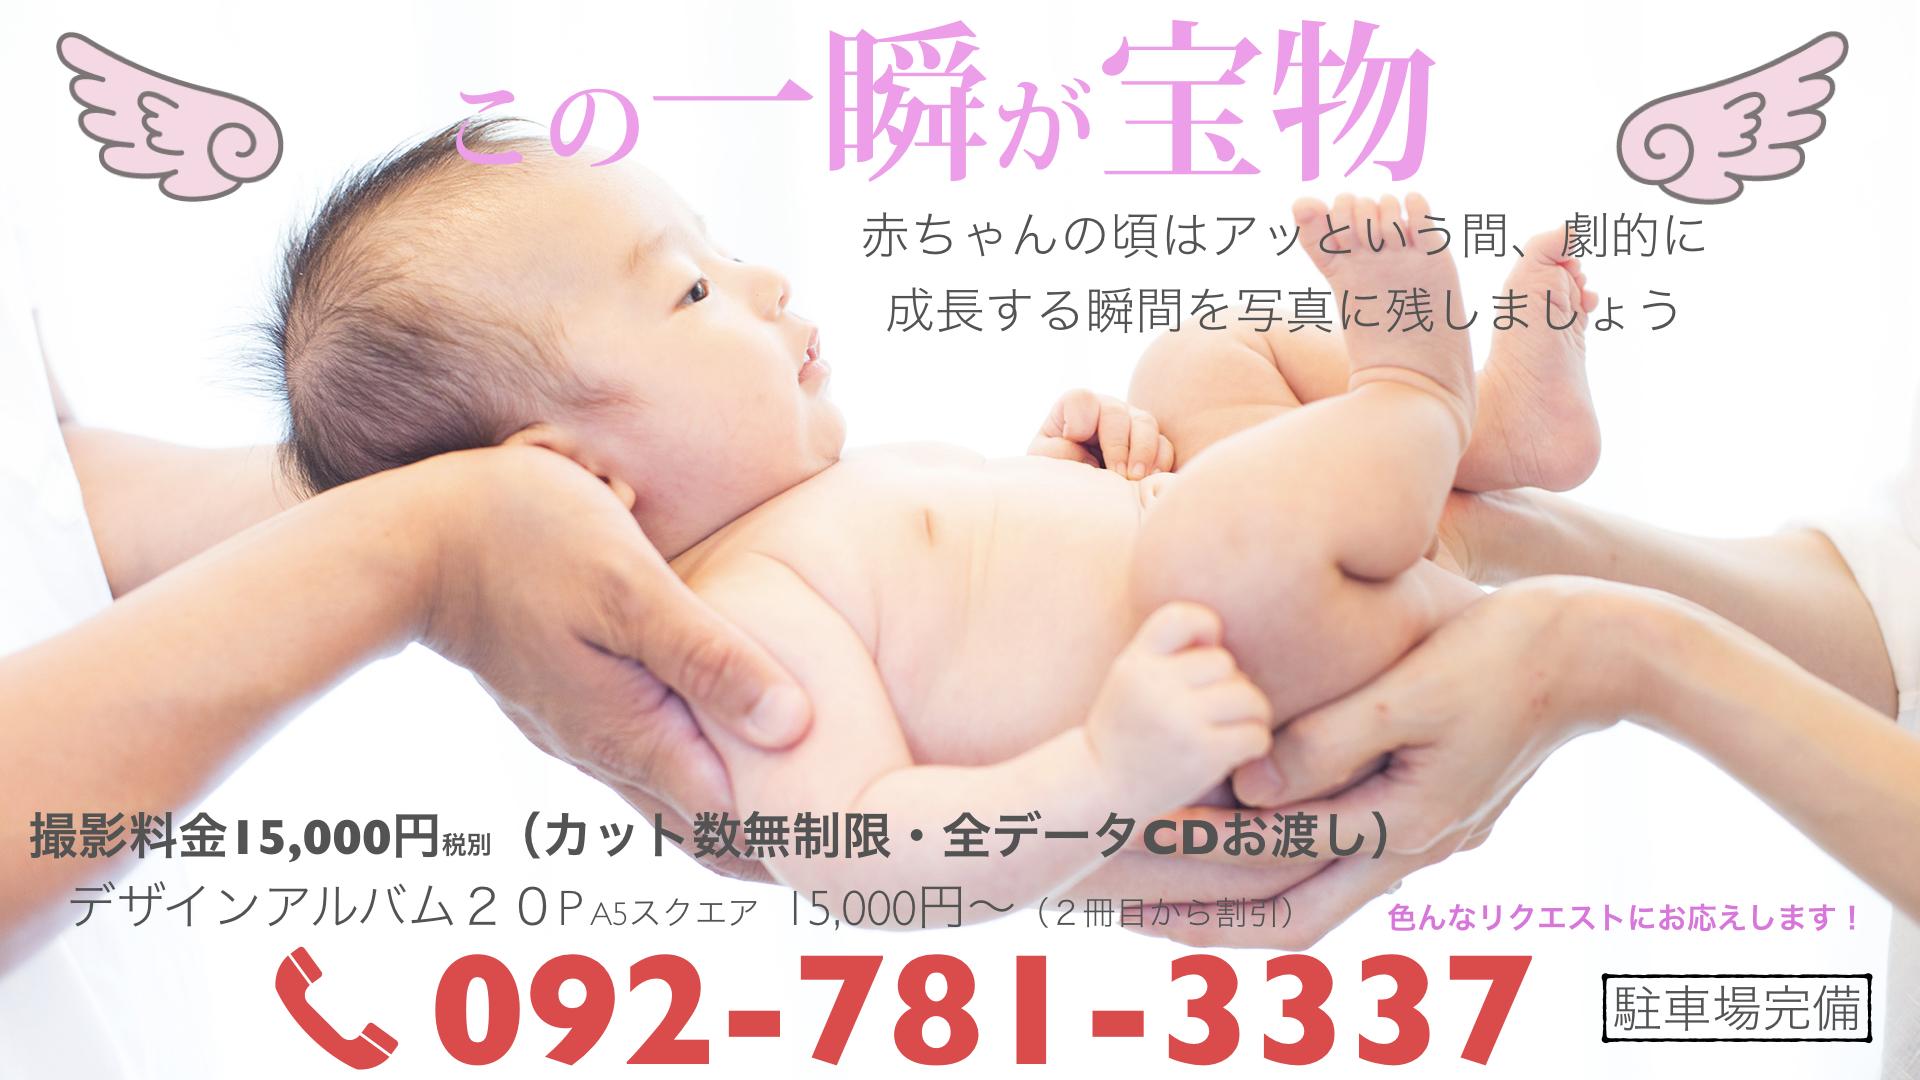 赤ちゃんの成長写真撮影承っております